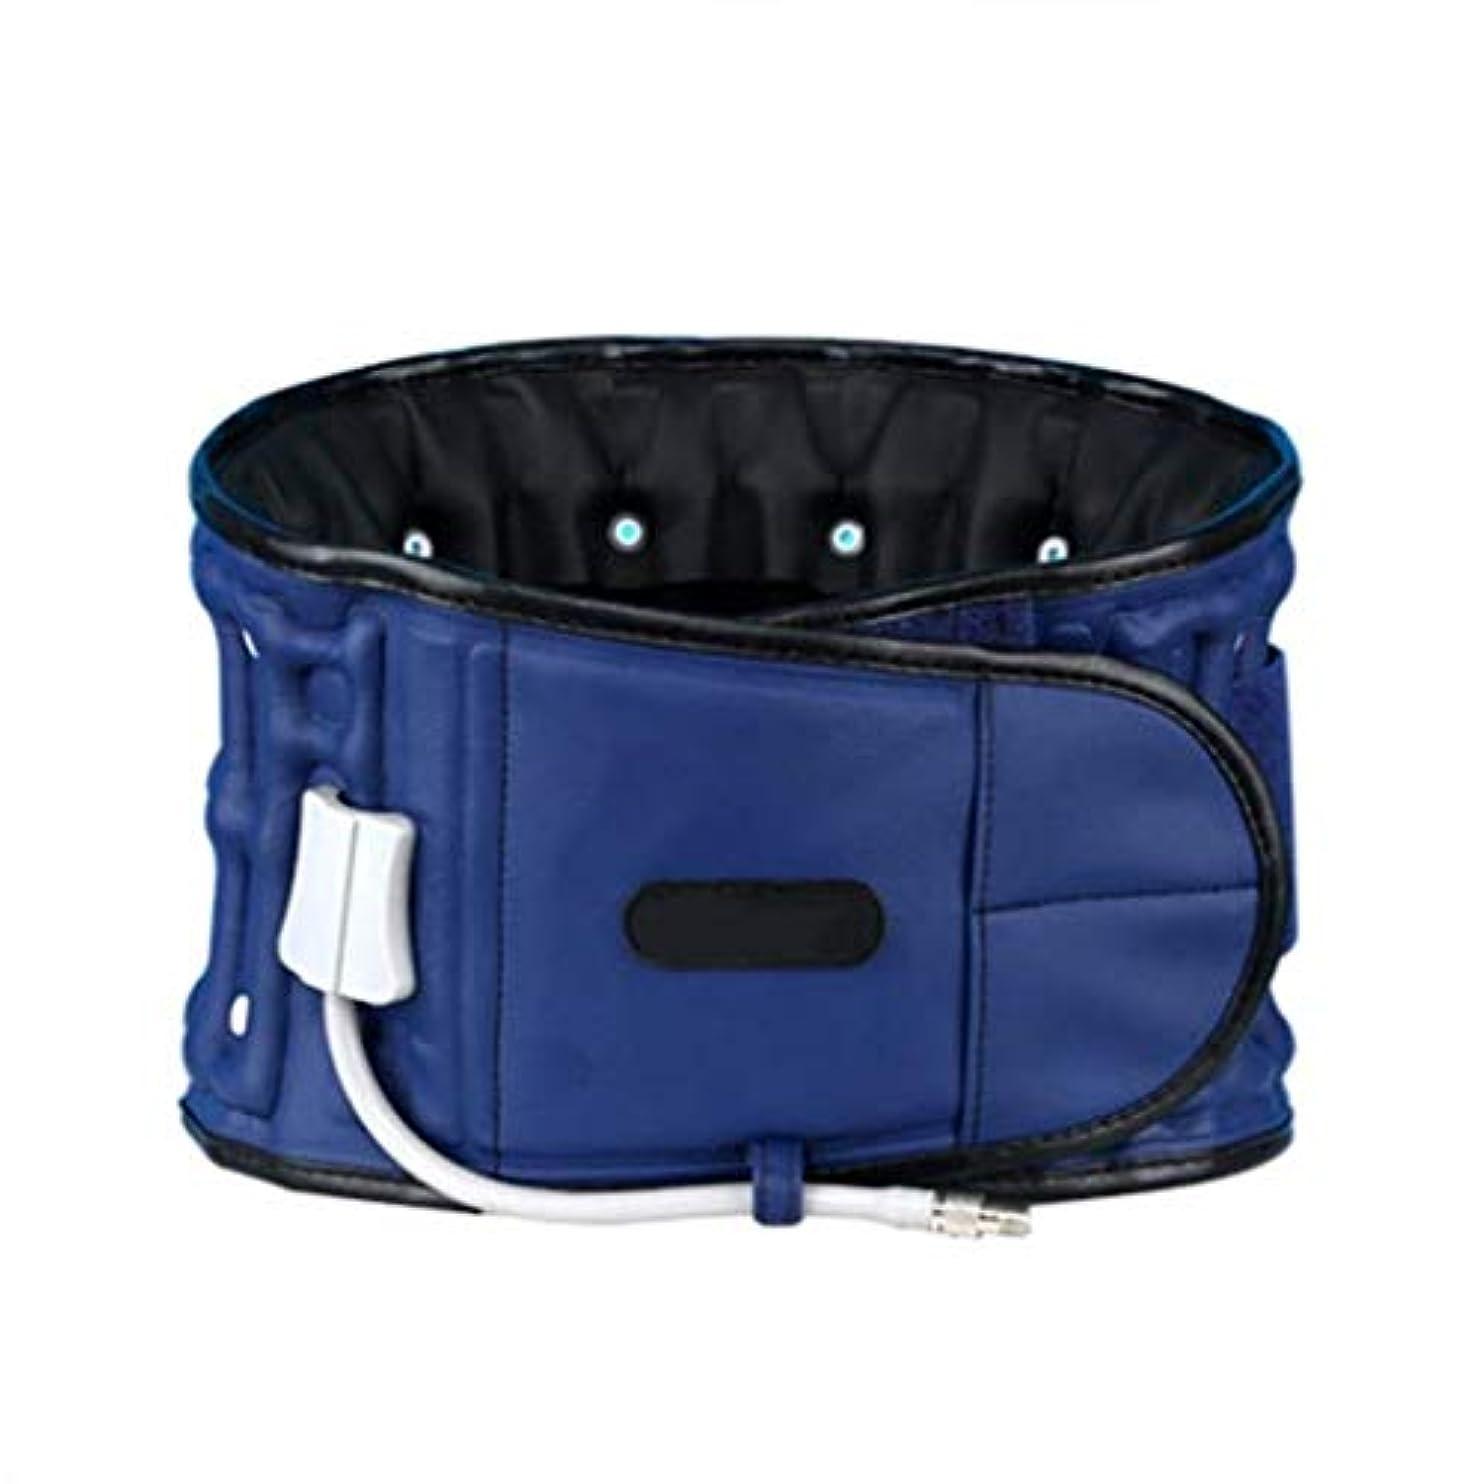 部分的トンネルブランドウエストマッサージャー、電気暖房器具、腰を膨らませた腰部牽引ベルト、健康器具、電気oxi、痛みの軽減、坐骨神経痛の軽減、背中の痛みは運動や仕事に最適です